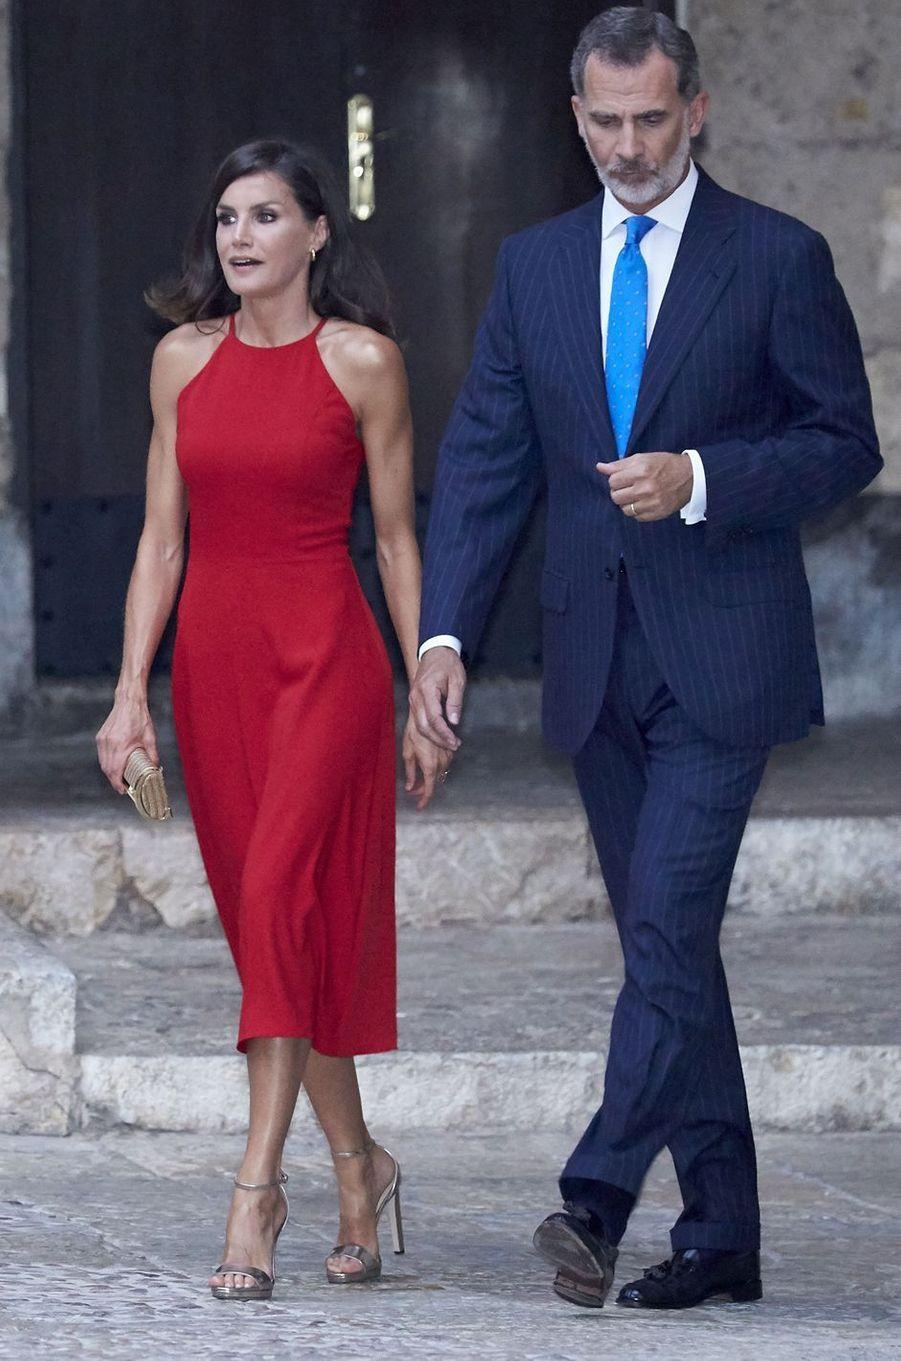 La reine Letizia d'Espagne, dans une robe rouge, le 8 août 2019